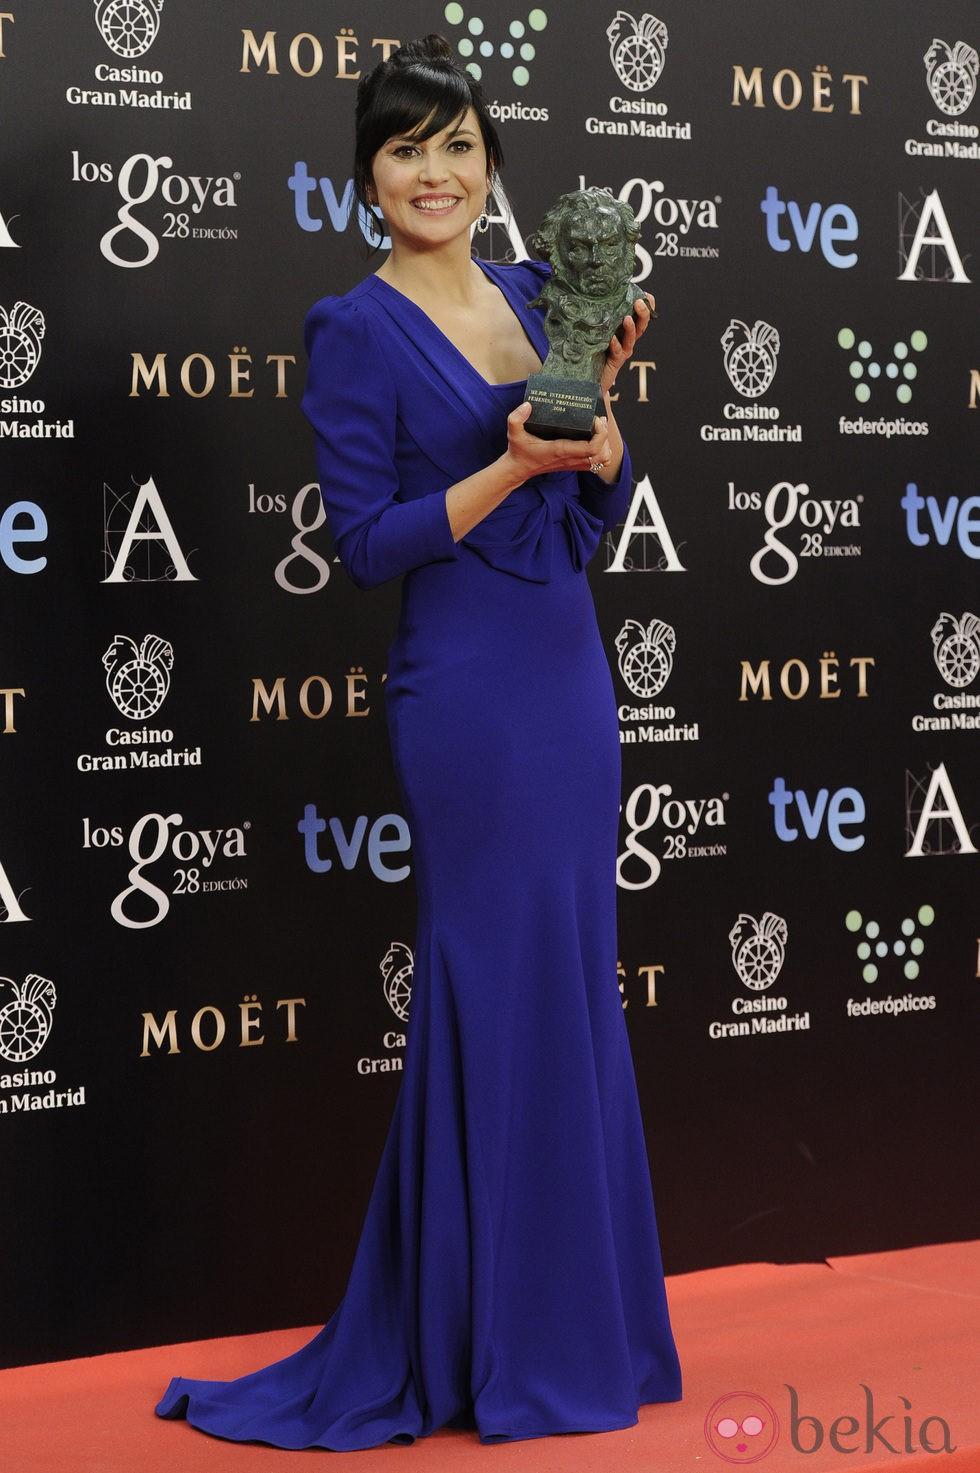 Marian Álvarez posa con su galardón en los Premios Goya 2014